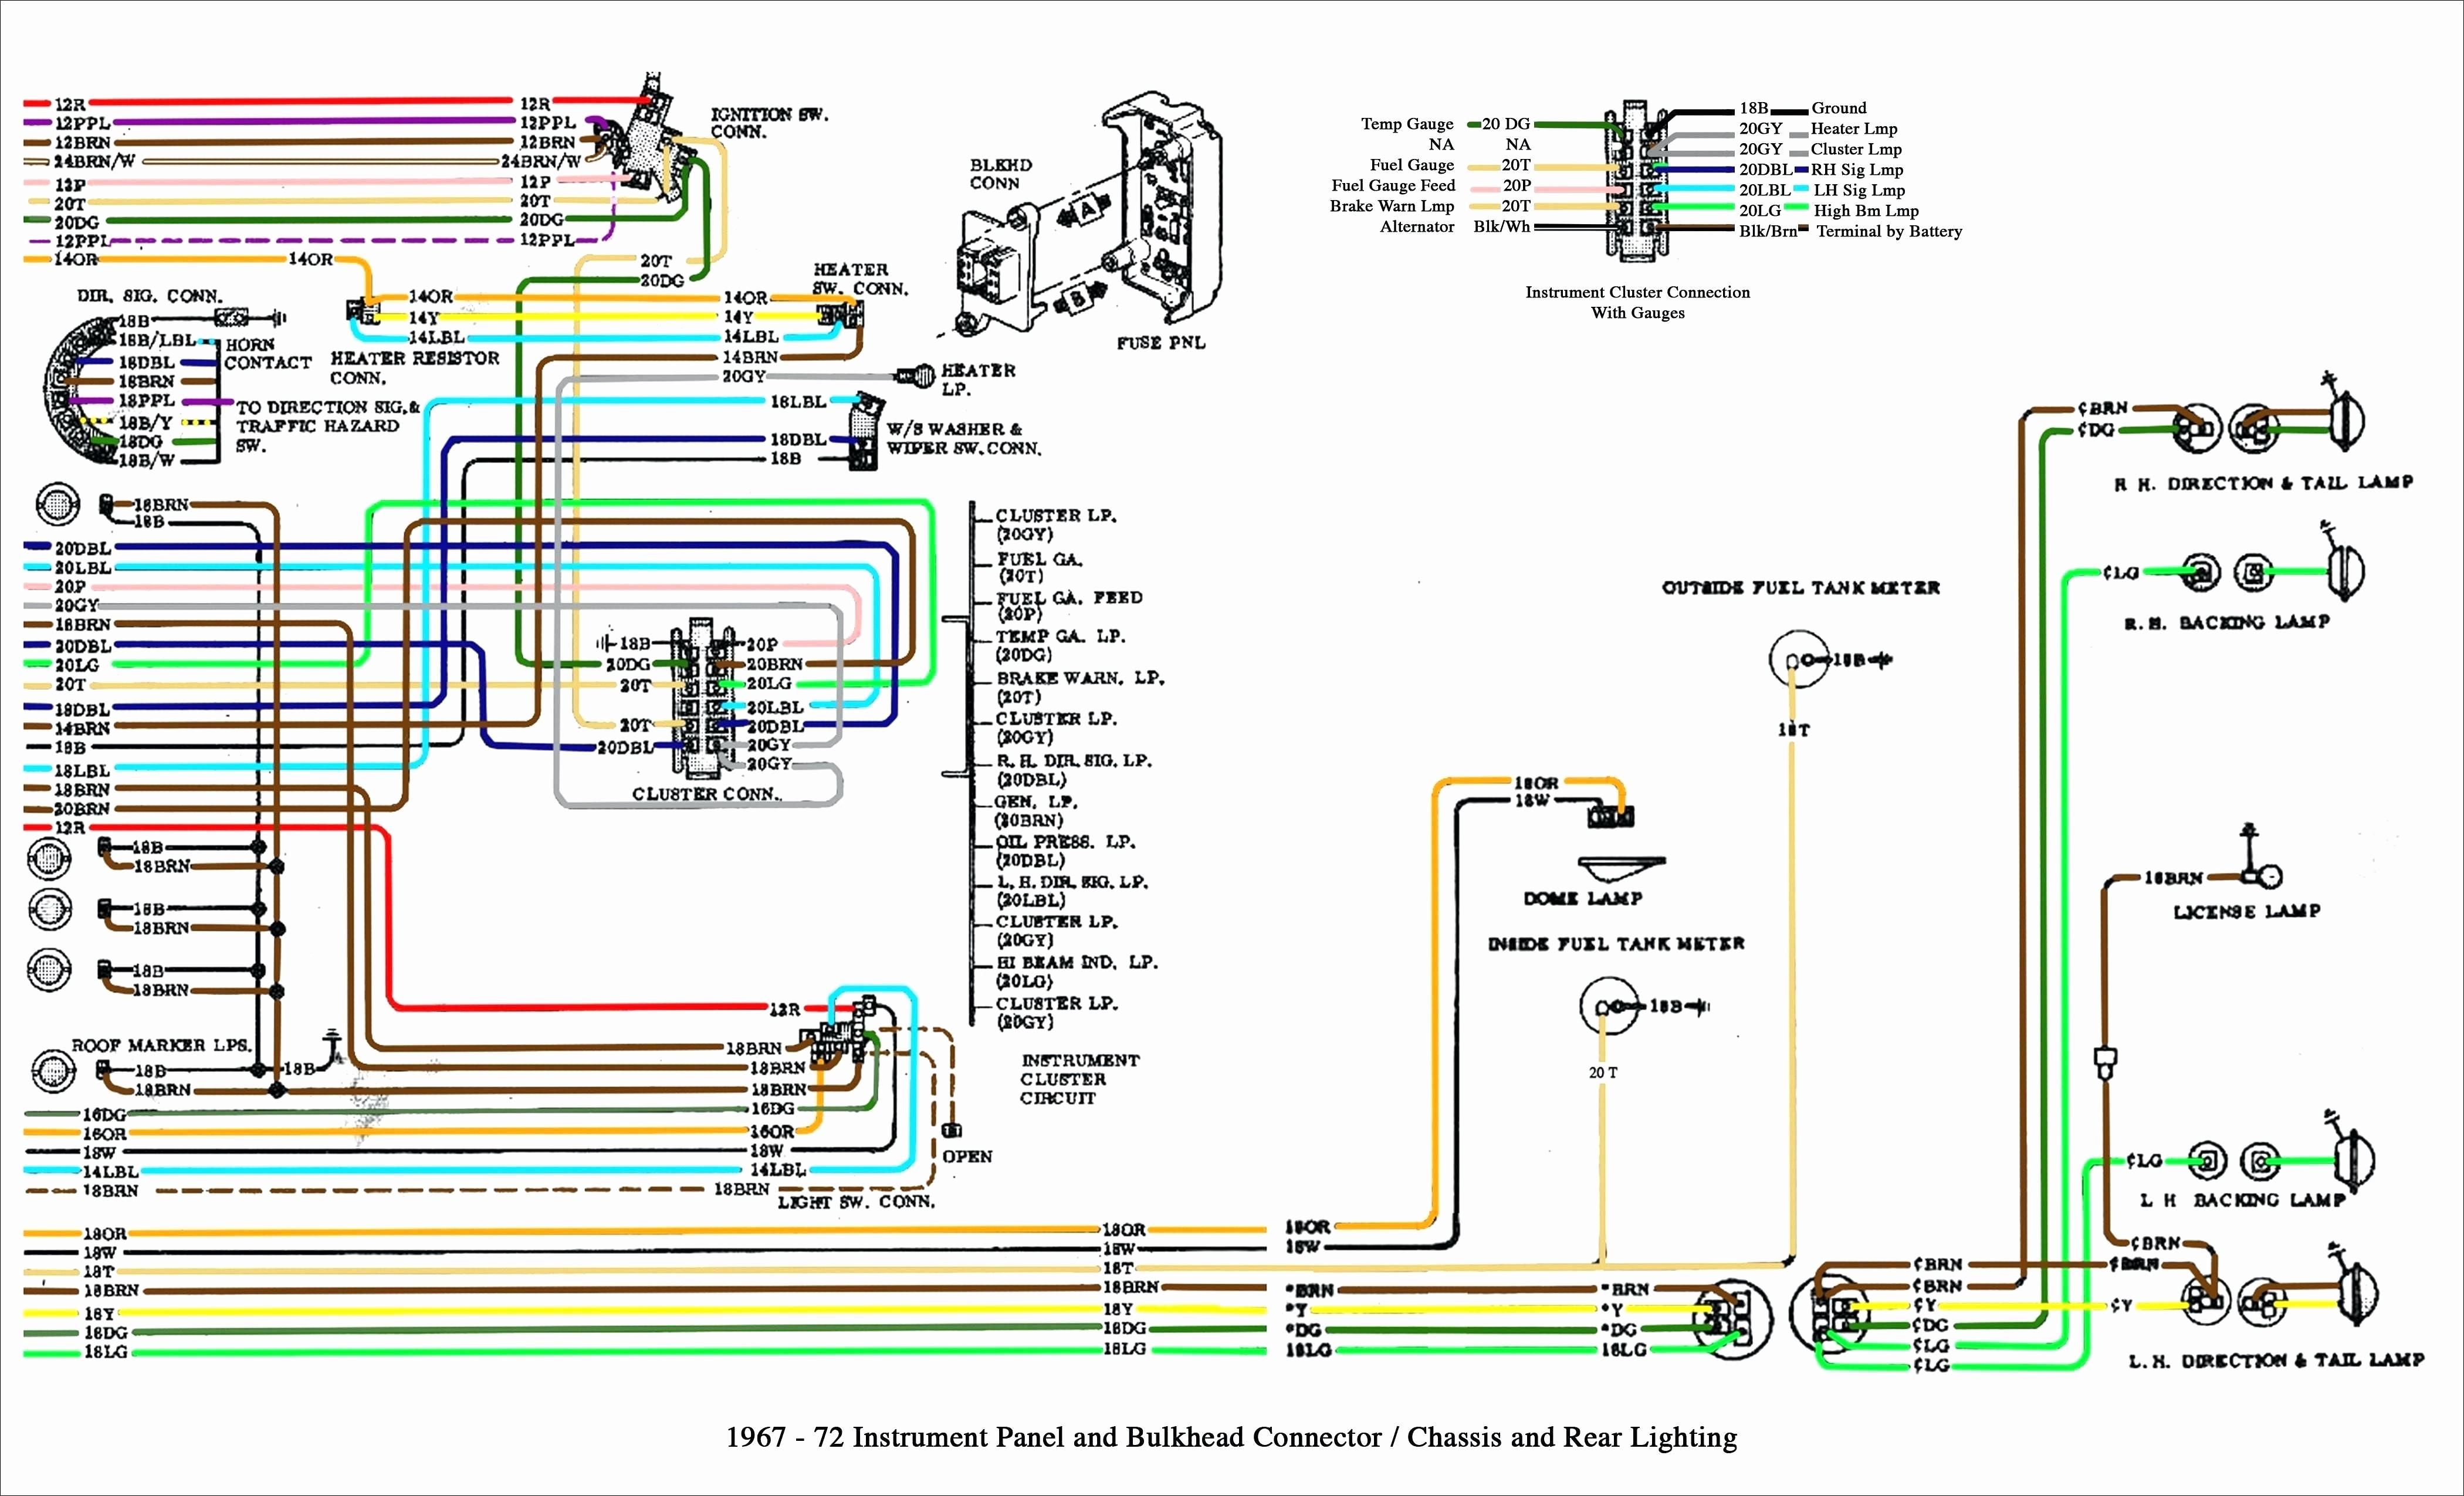 1994 Chevy 3500 Wiring Diagram Best Wiring Diagrams God Button God Button Ekoegur Es